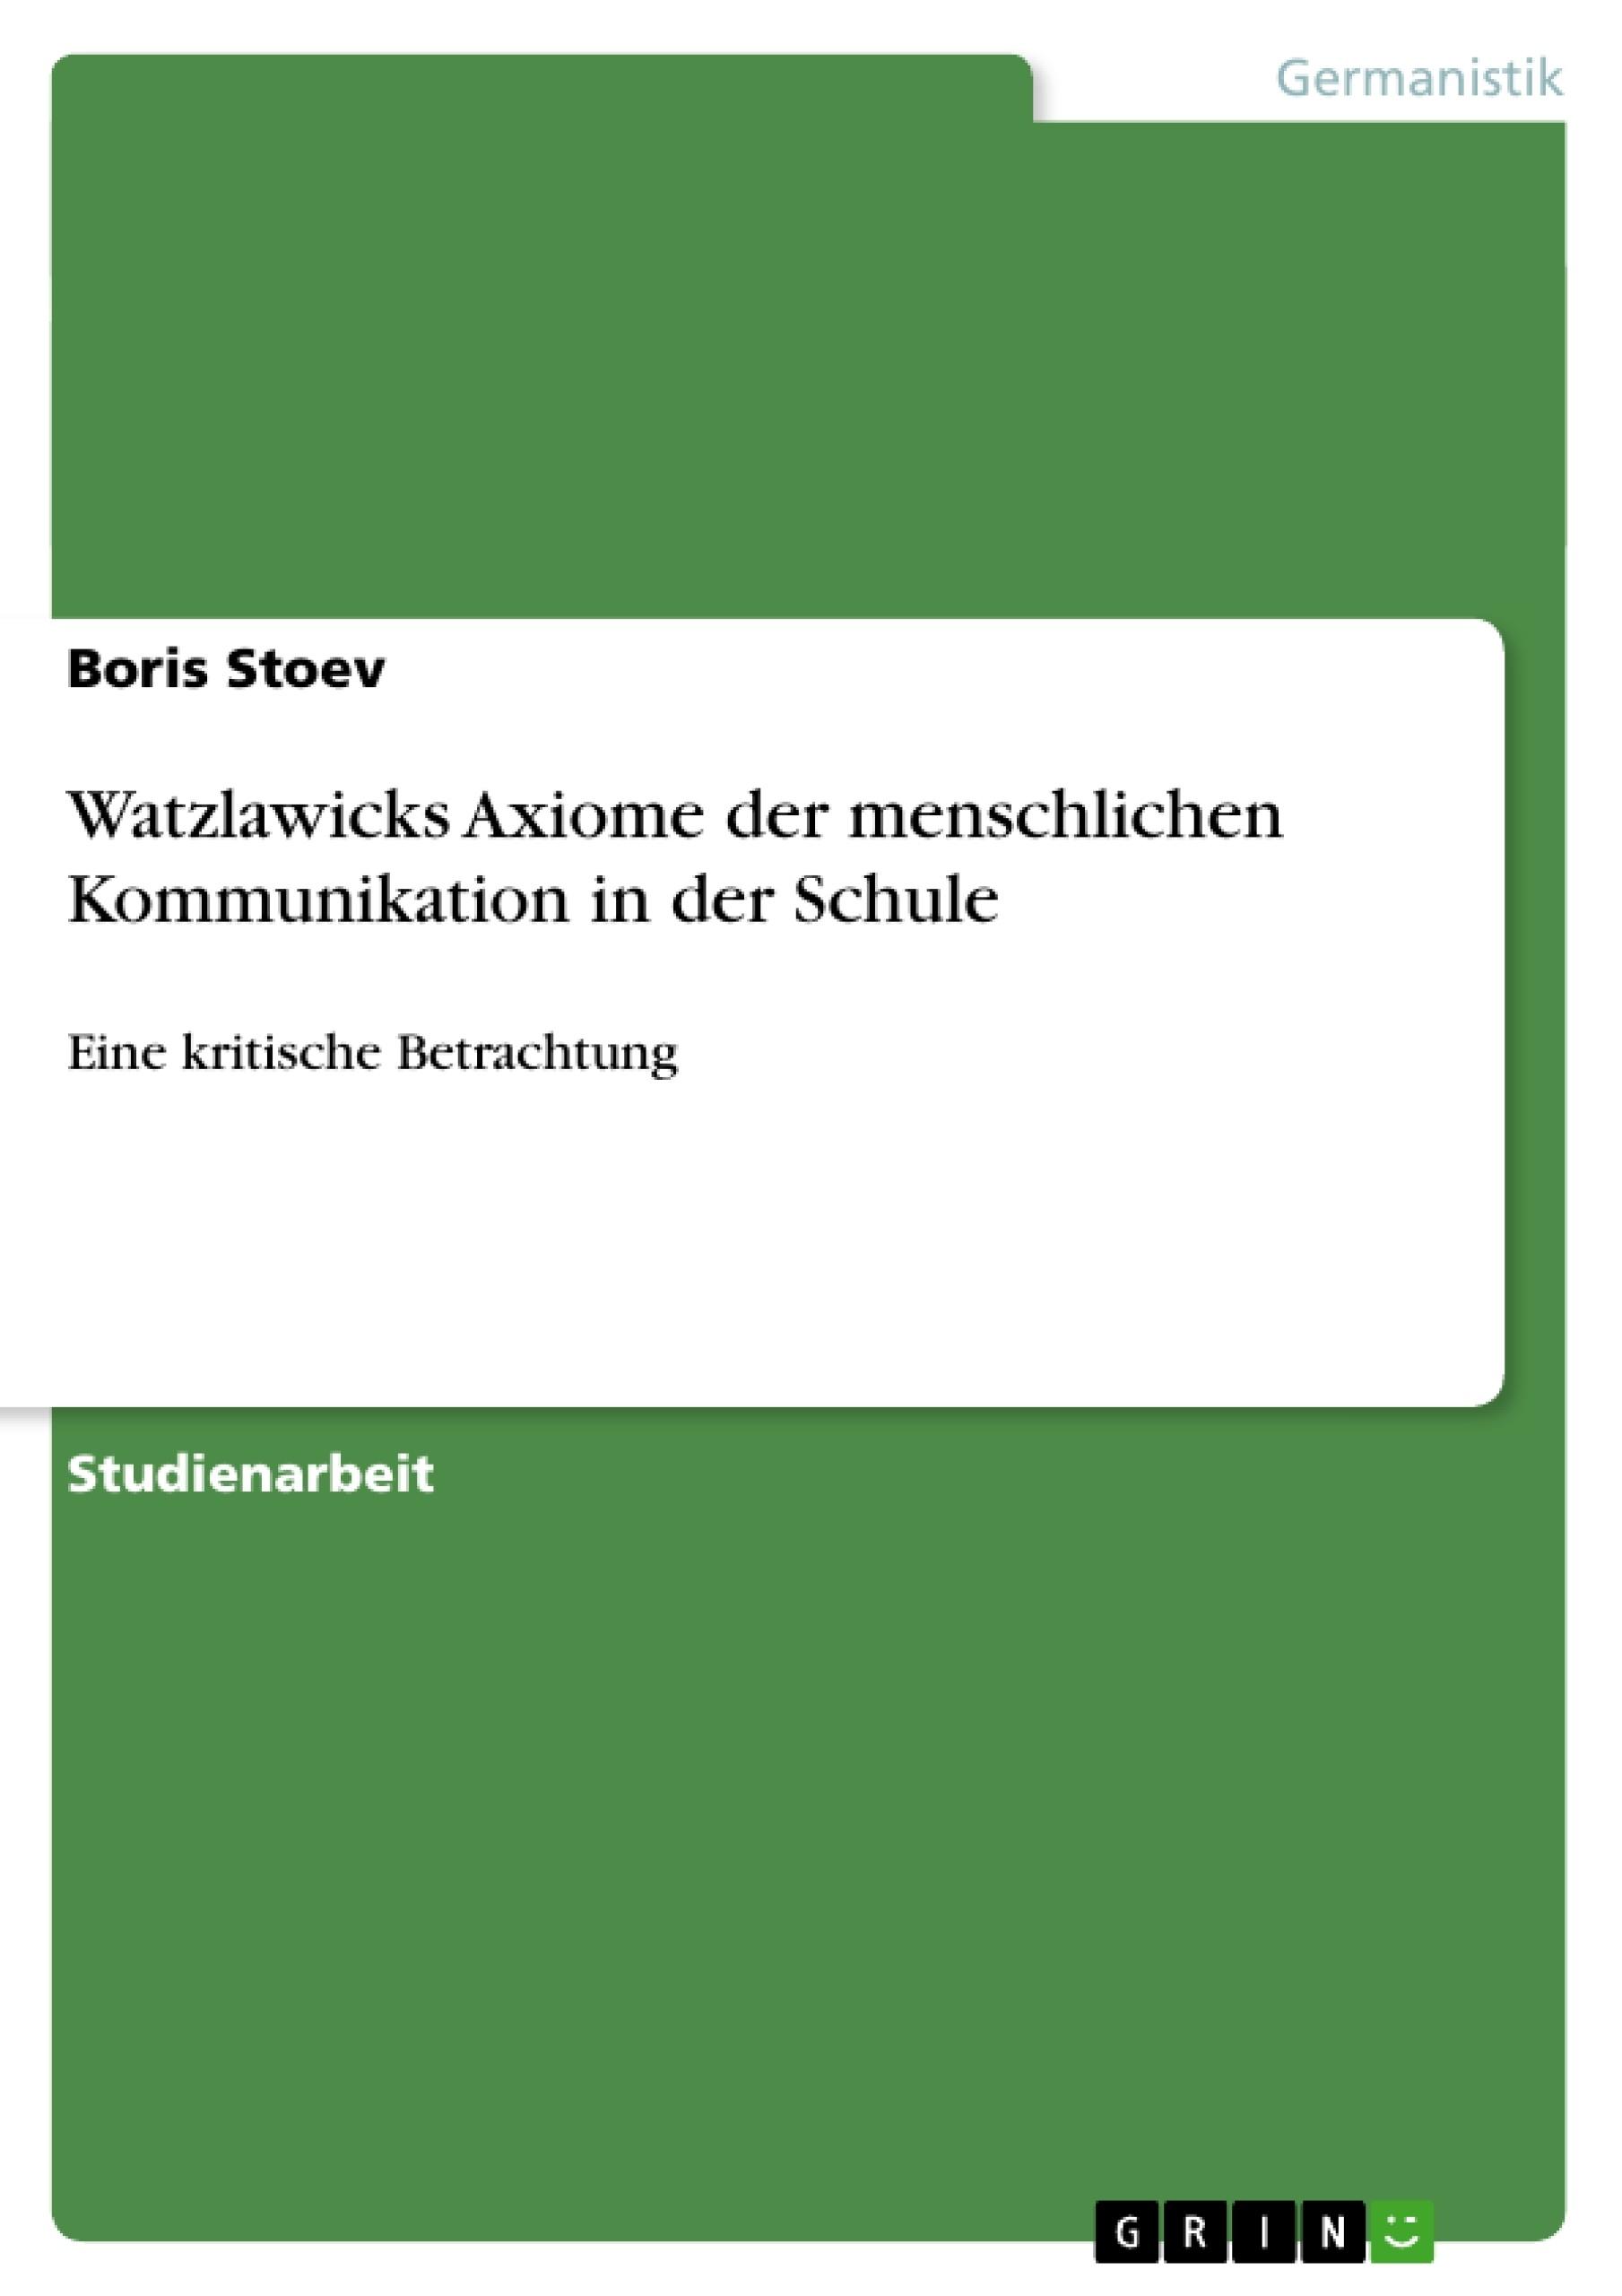 Titel: Watzlawicks Axiome der menschlichen Kommunikation in der Schule